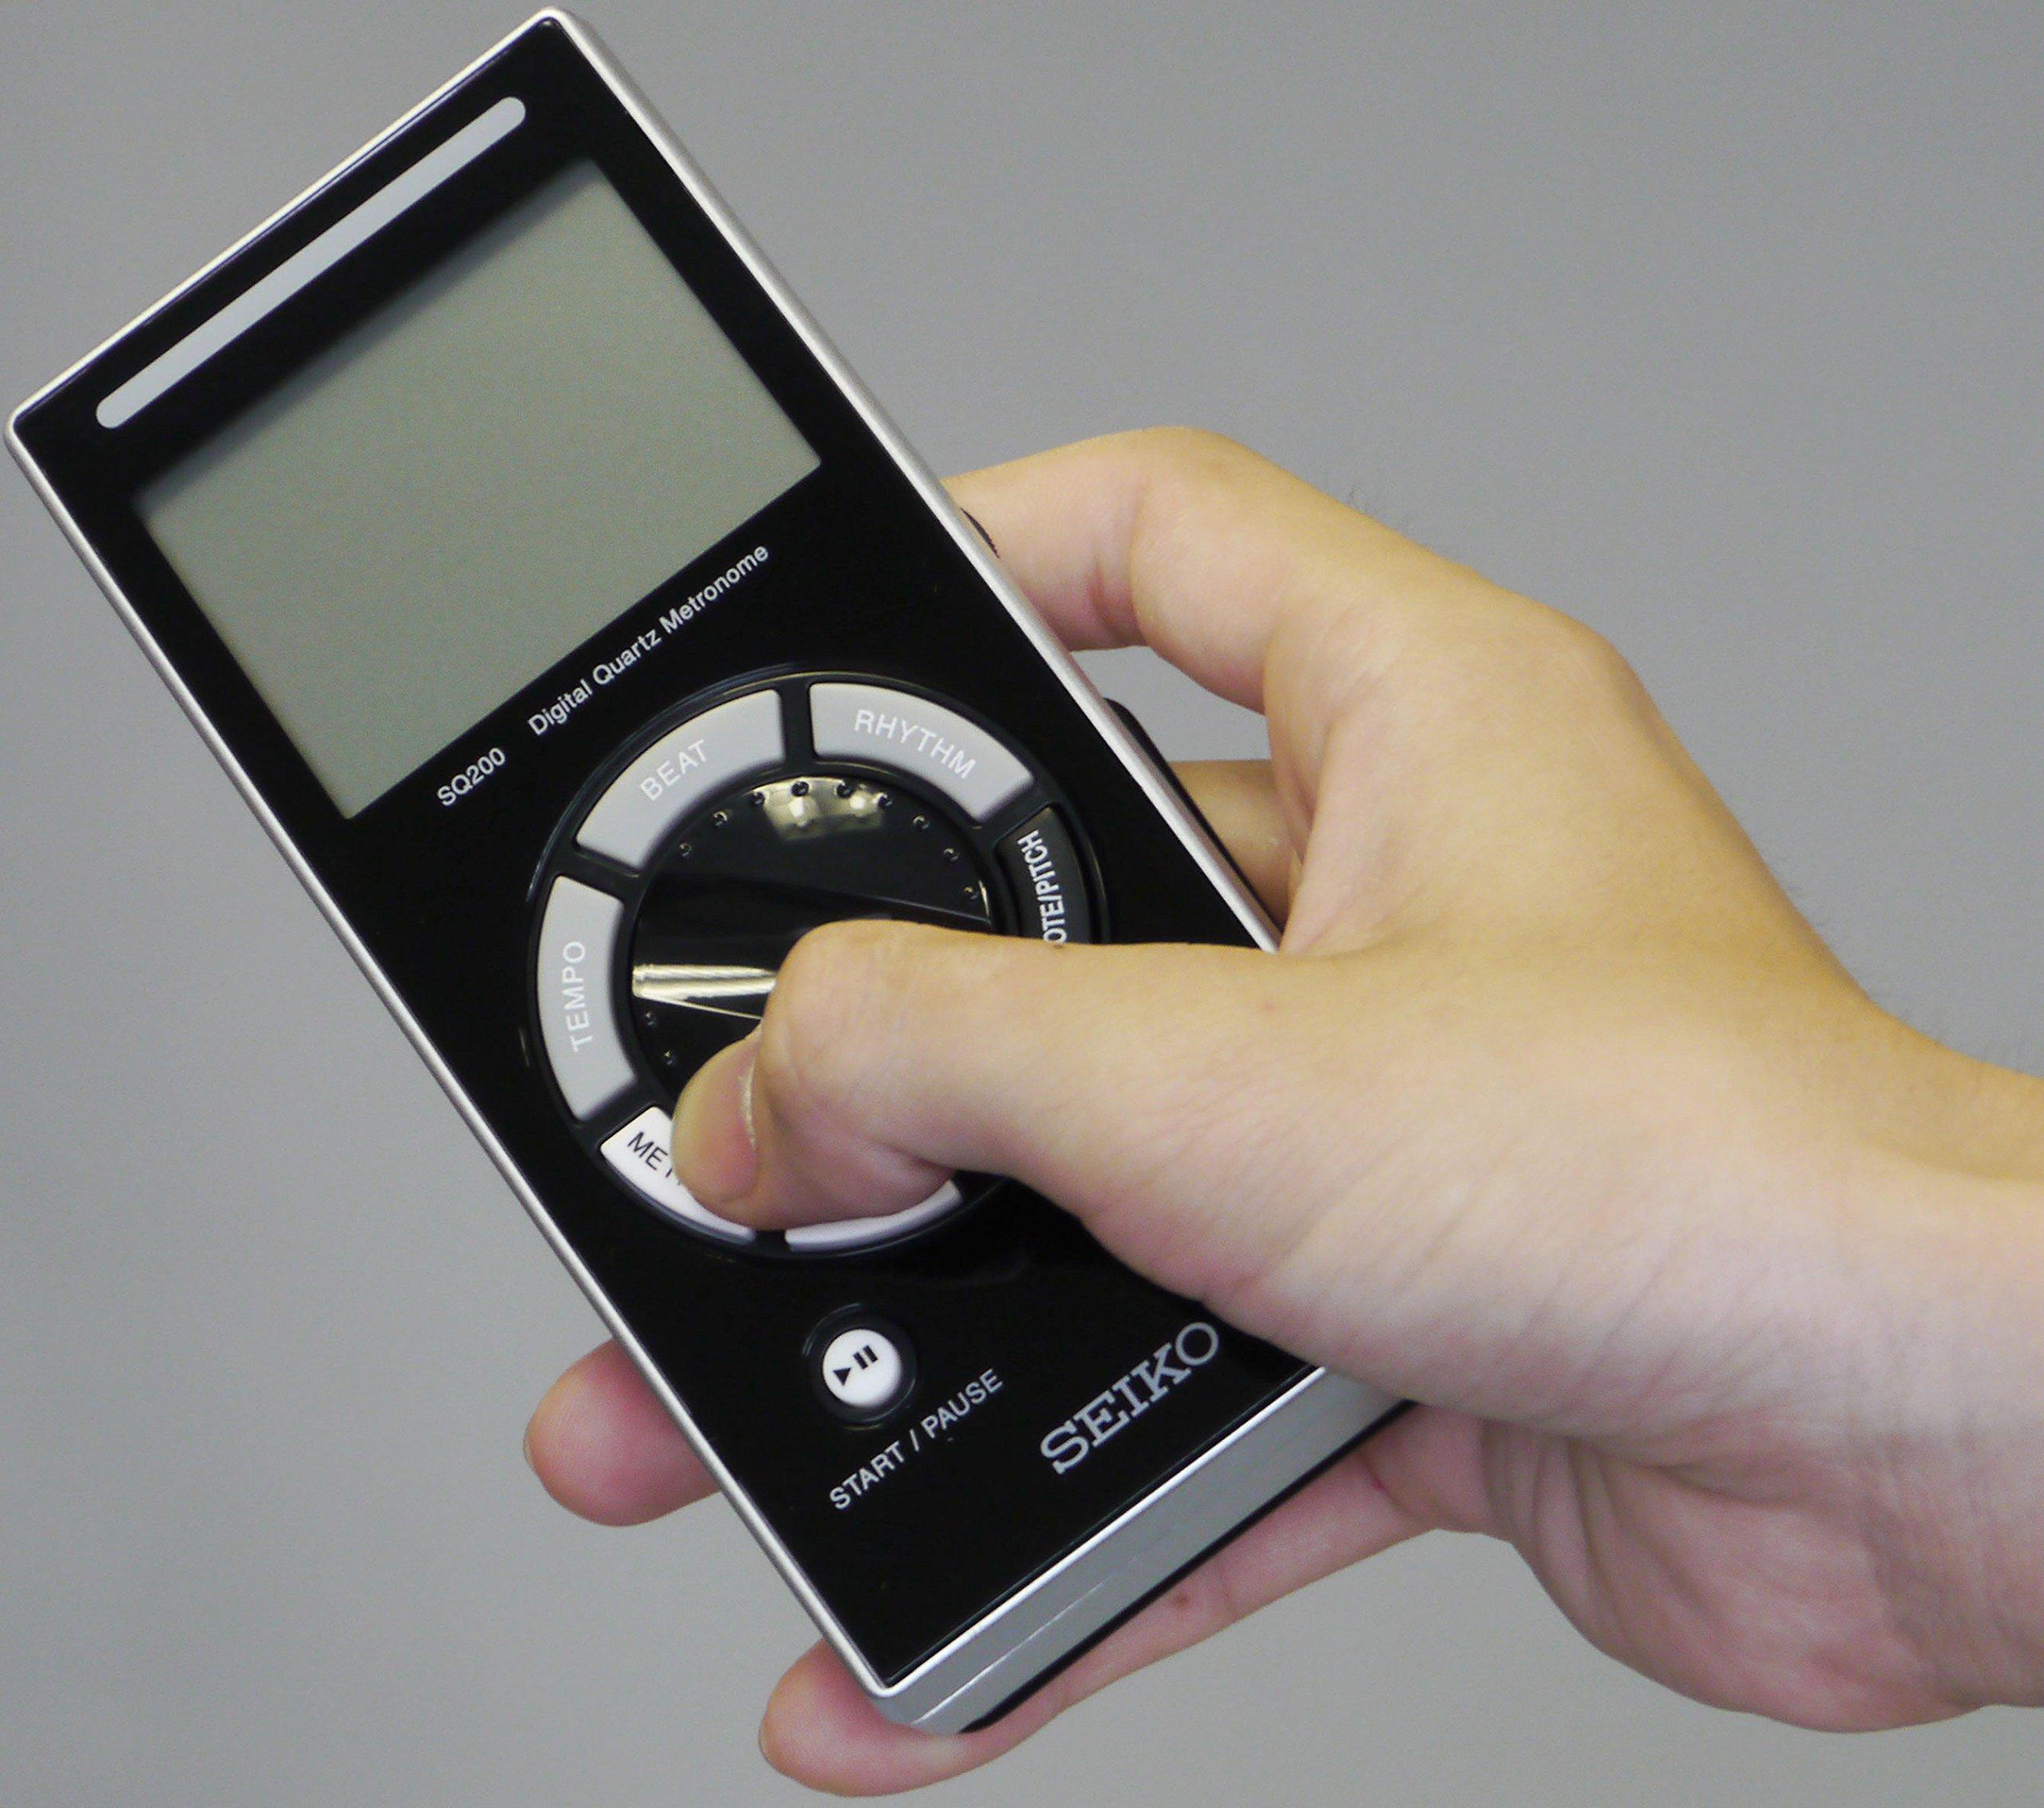 Seiko High Performance Metronome